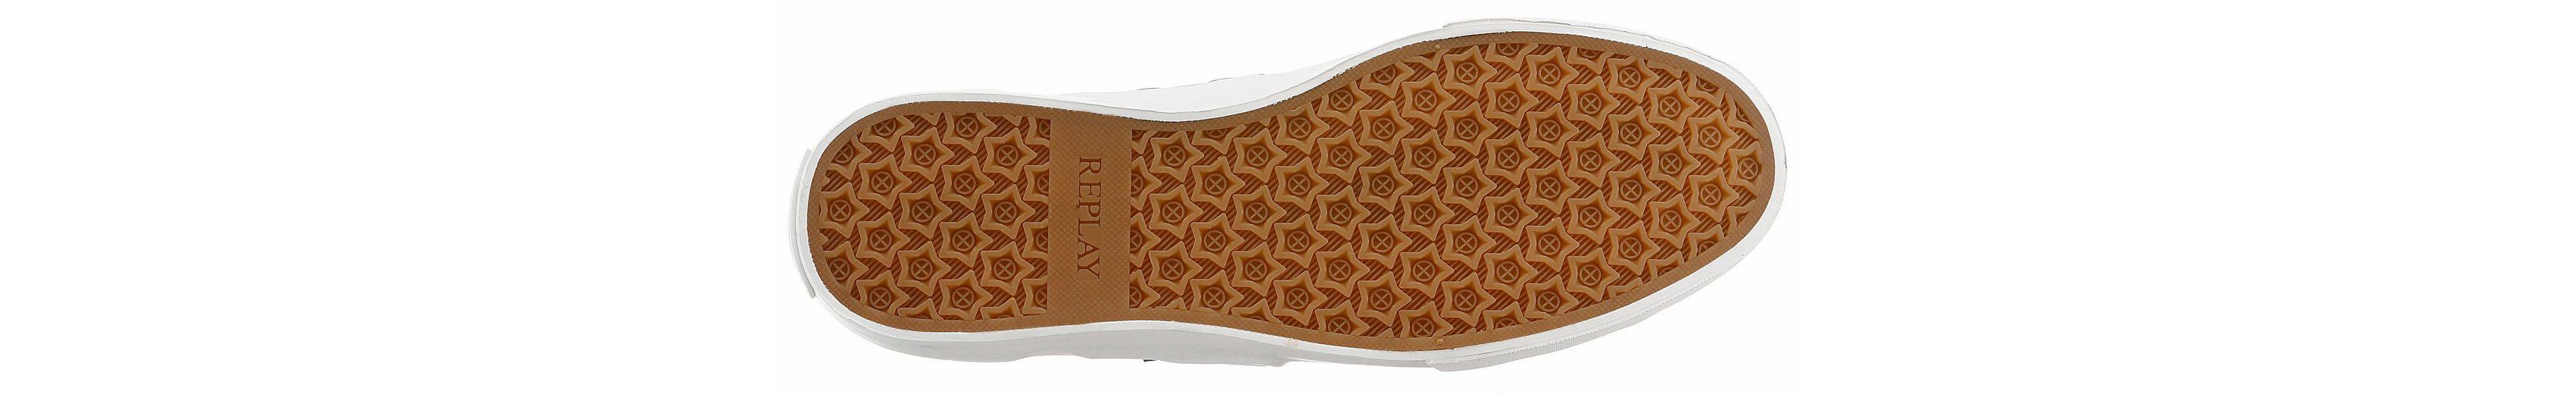 Sneaker Mit Kontrastnähten Maple Replay Angesagten